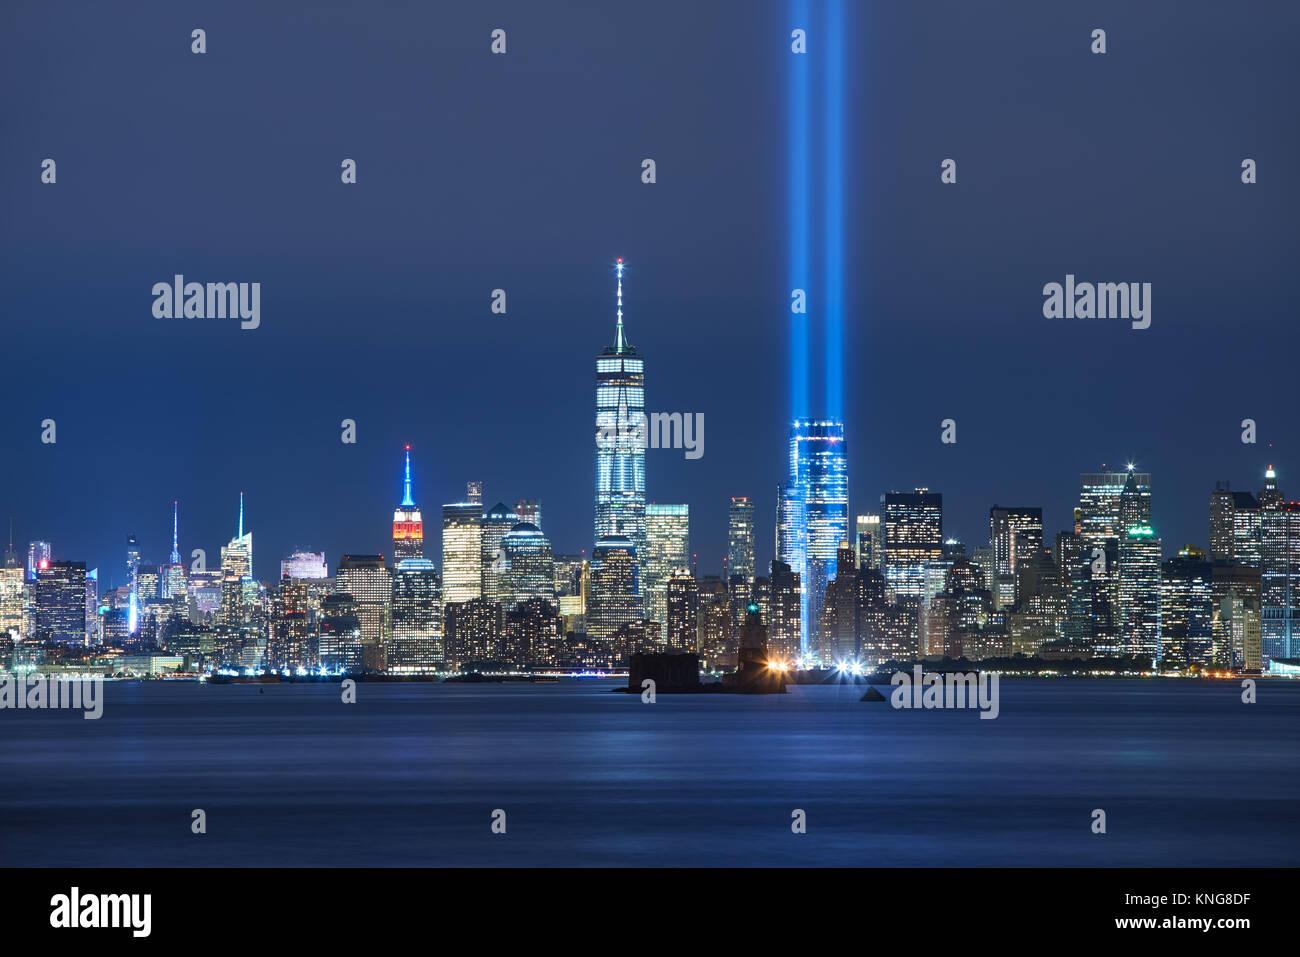 Les deux rayons de l'hommage rendu à la lumière avec des gratte-ciels de Manhattan de nuit depuis Photo Stock